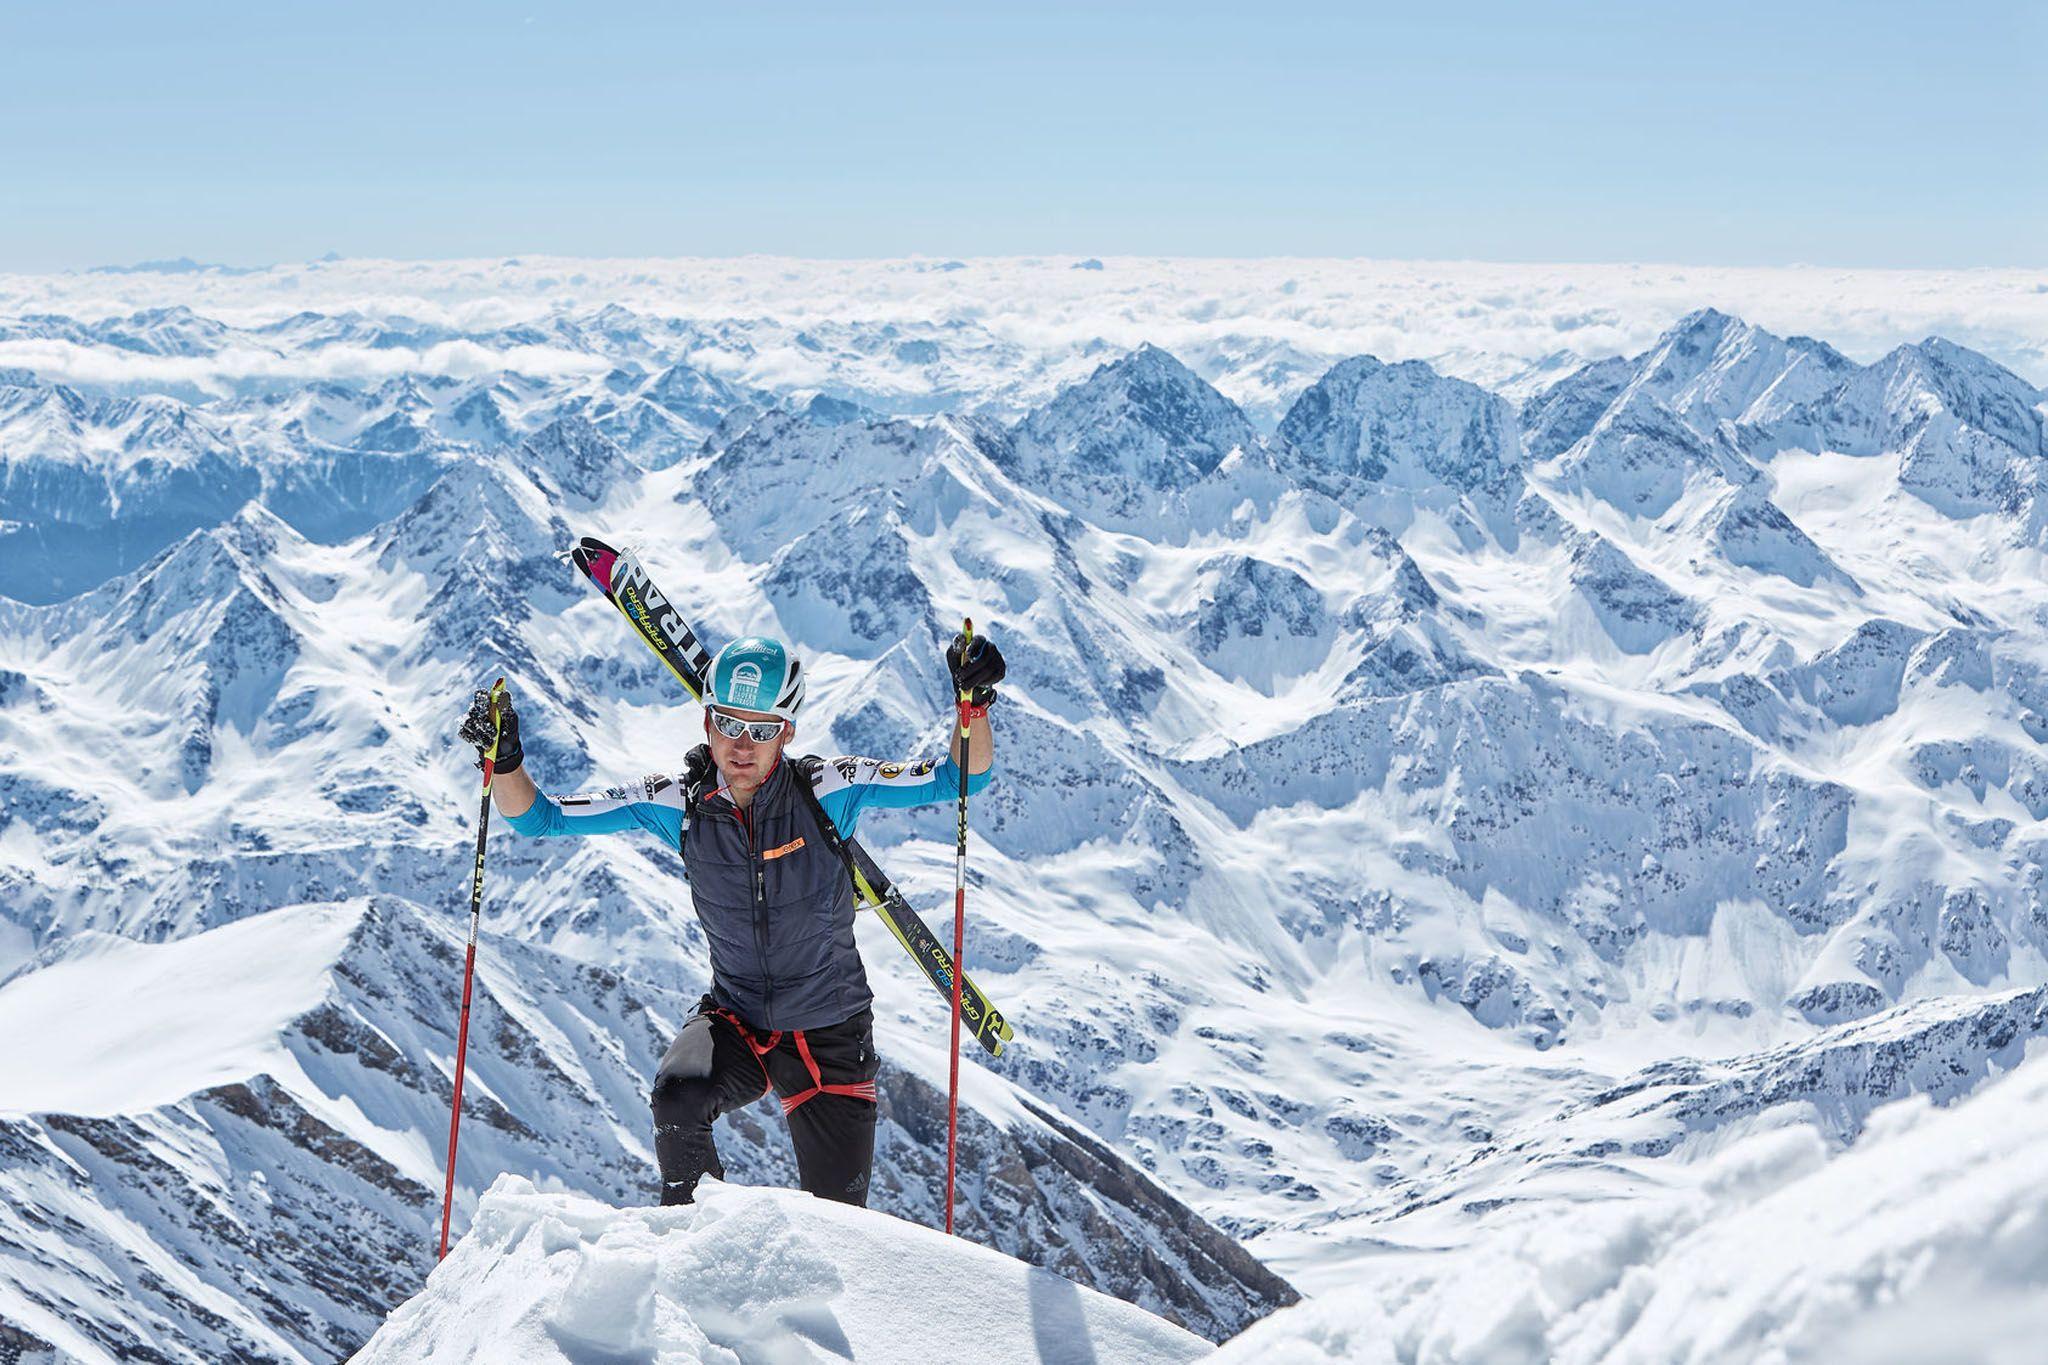 Perfekte Bedingungen zum Skiwandern in Osttirol am Groß Glockner (c) Willi Seebacher